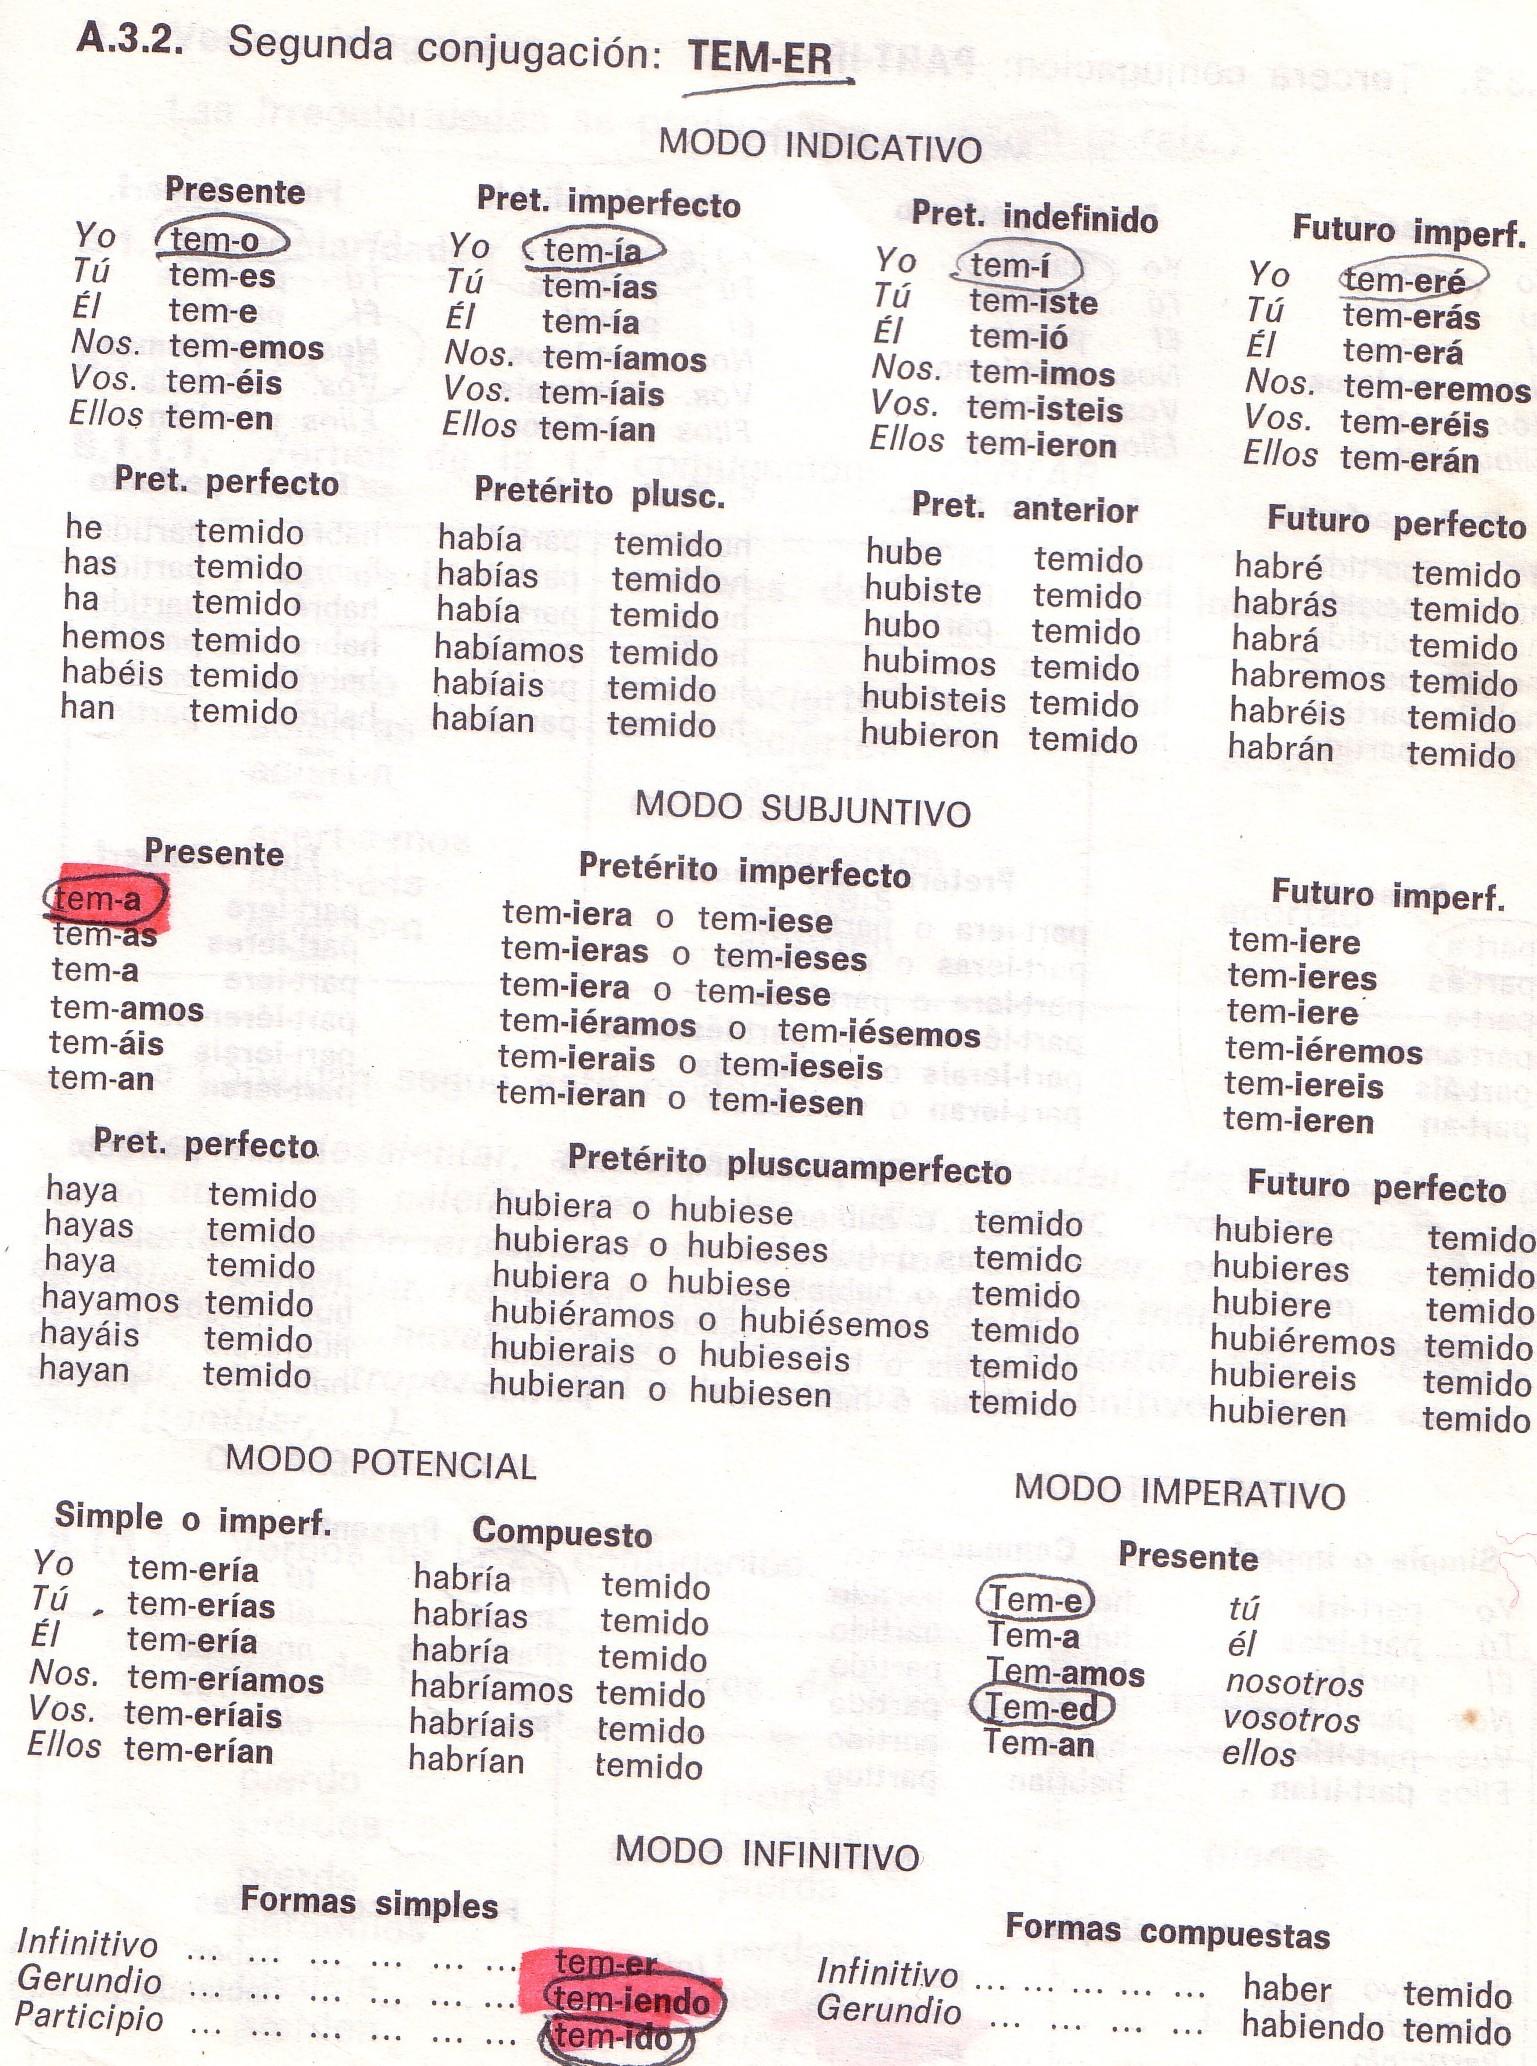 italiano spagnola: